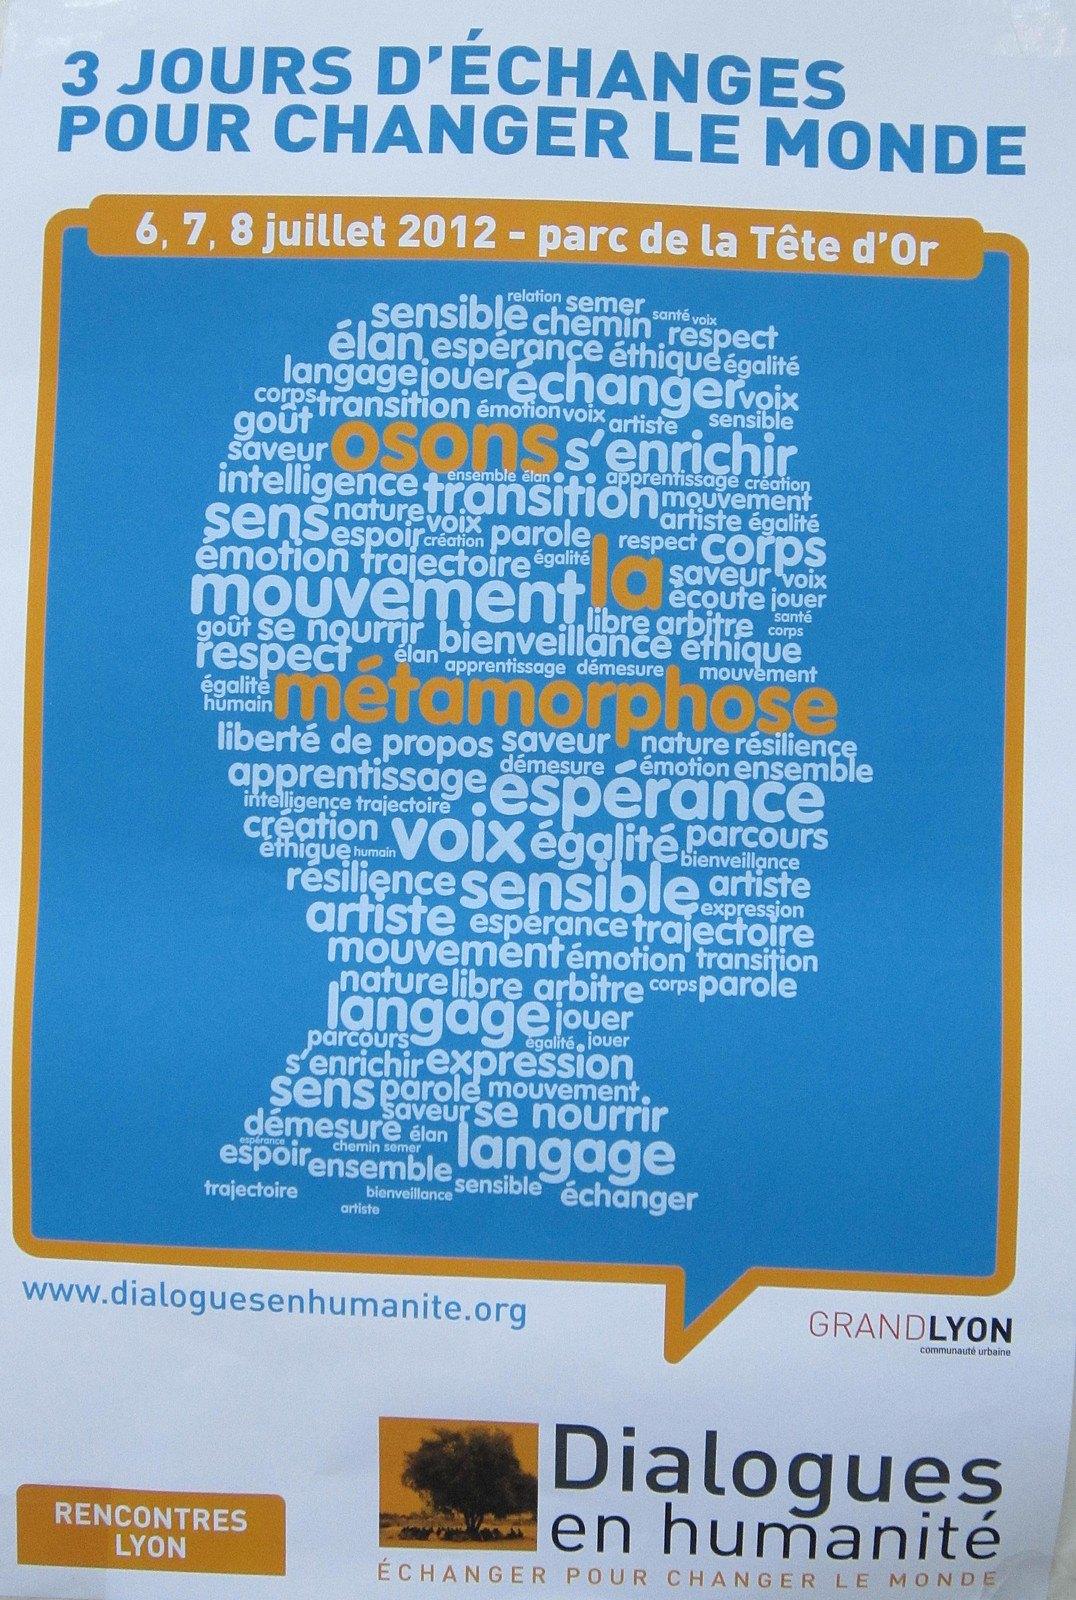 Affiche+dialogues+en+humanité